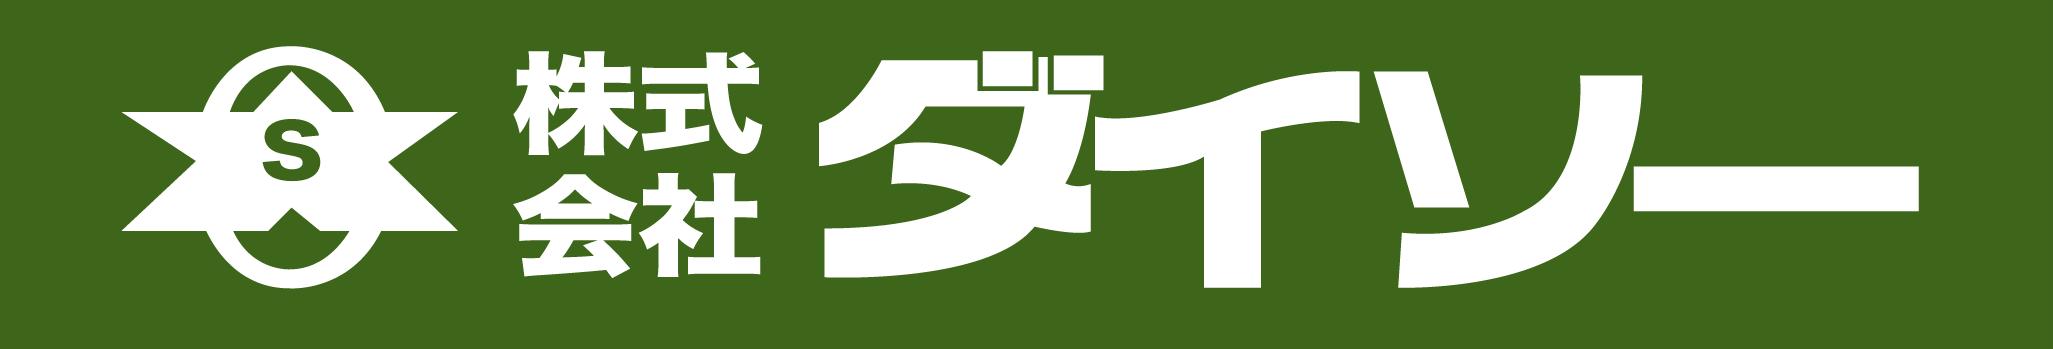 株式会社ダイソー